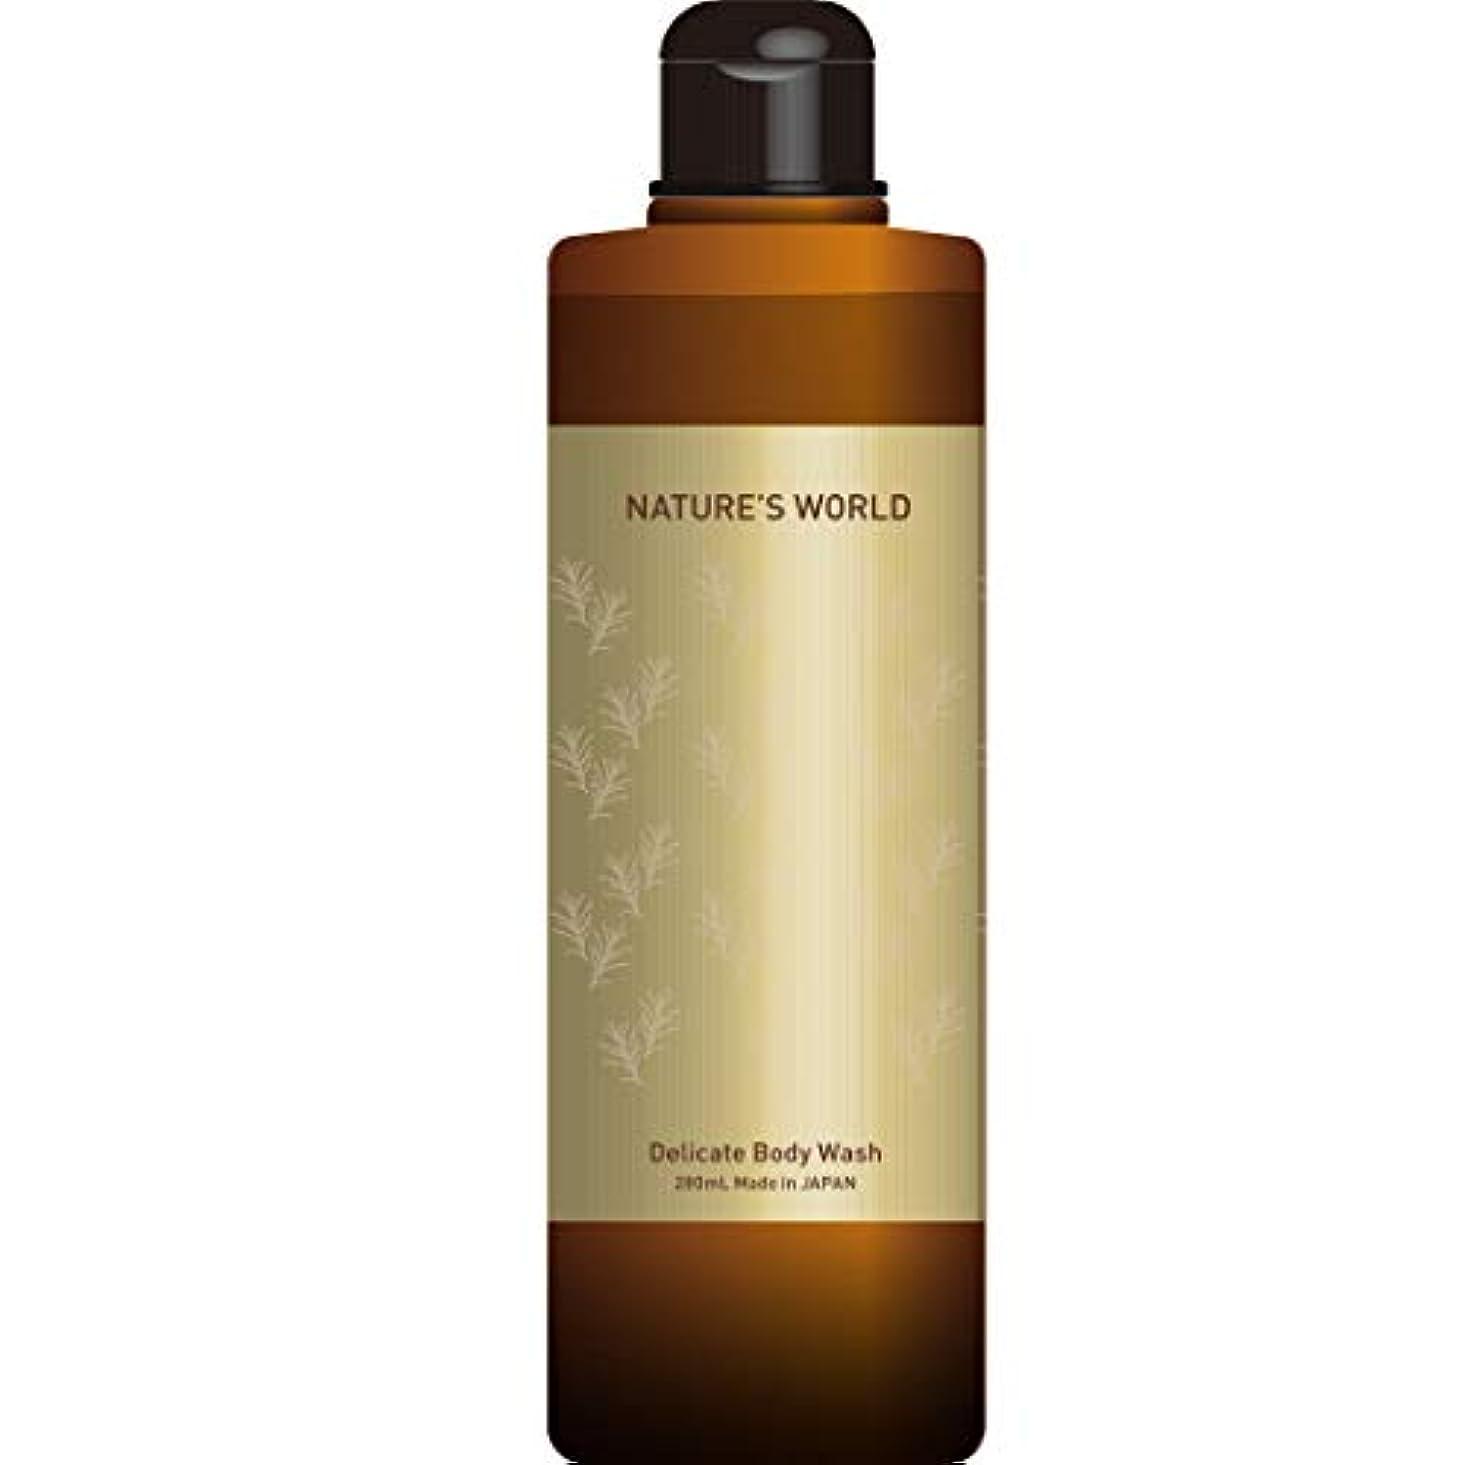 完了ラインナップ競合他社選手NATURE'S WORLD(ネイチャーズワールド) Nature's World デリケートボディソープ シトラスフローラルの香り 280ml